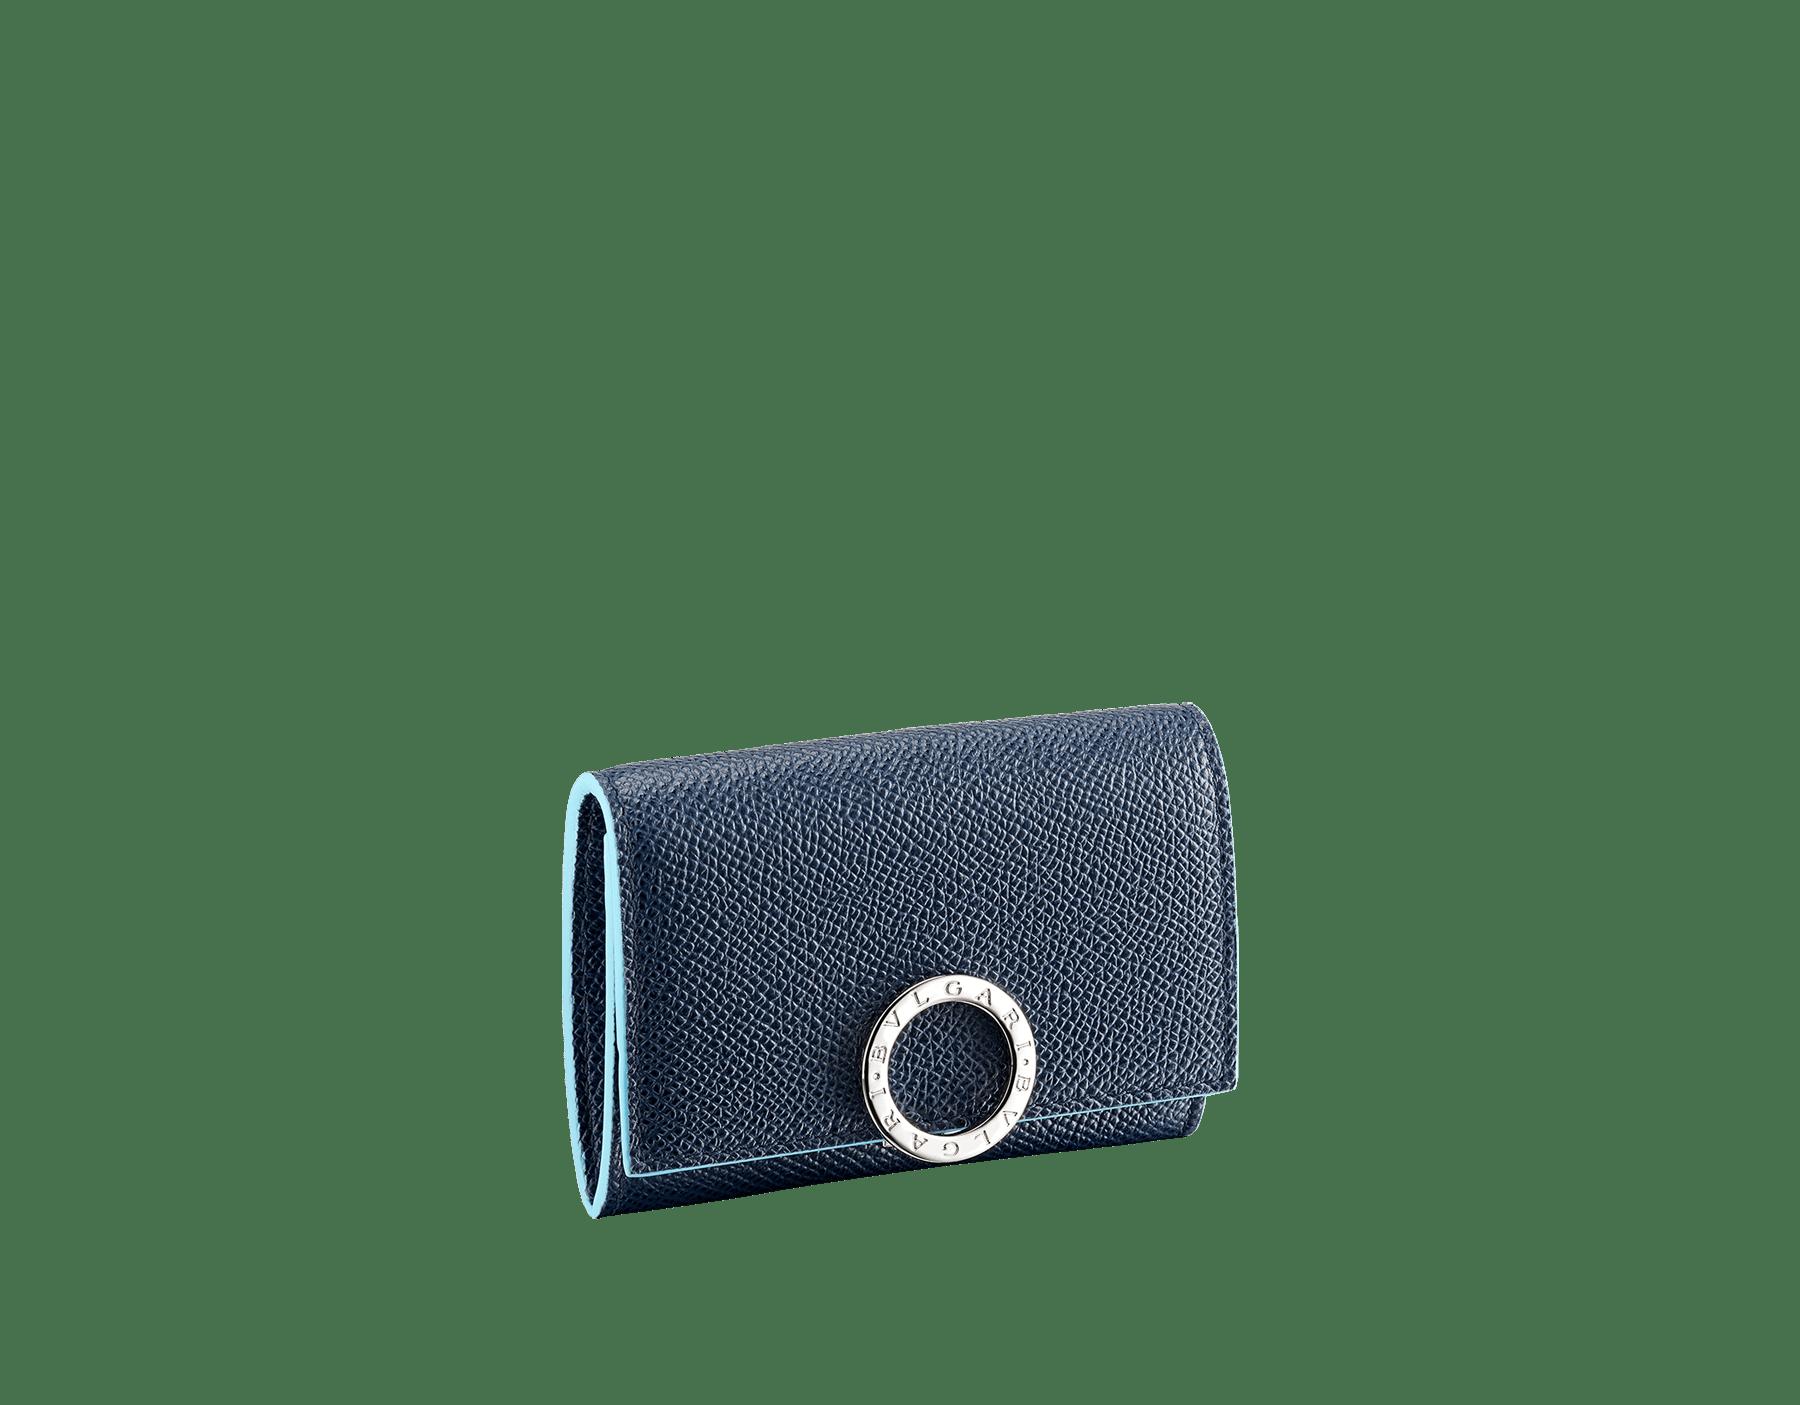 Denim SapphireのブルーとAegean Topazのライトブルーのカーフレザー製「ブルガリ・ブルガリ」コインパース。 ブラスパラジウムプレートのアイコニックなロゴのクロージャークリップ。 290671 image 1